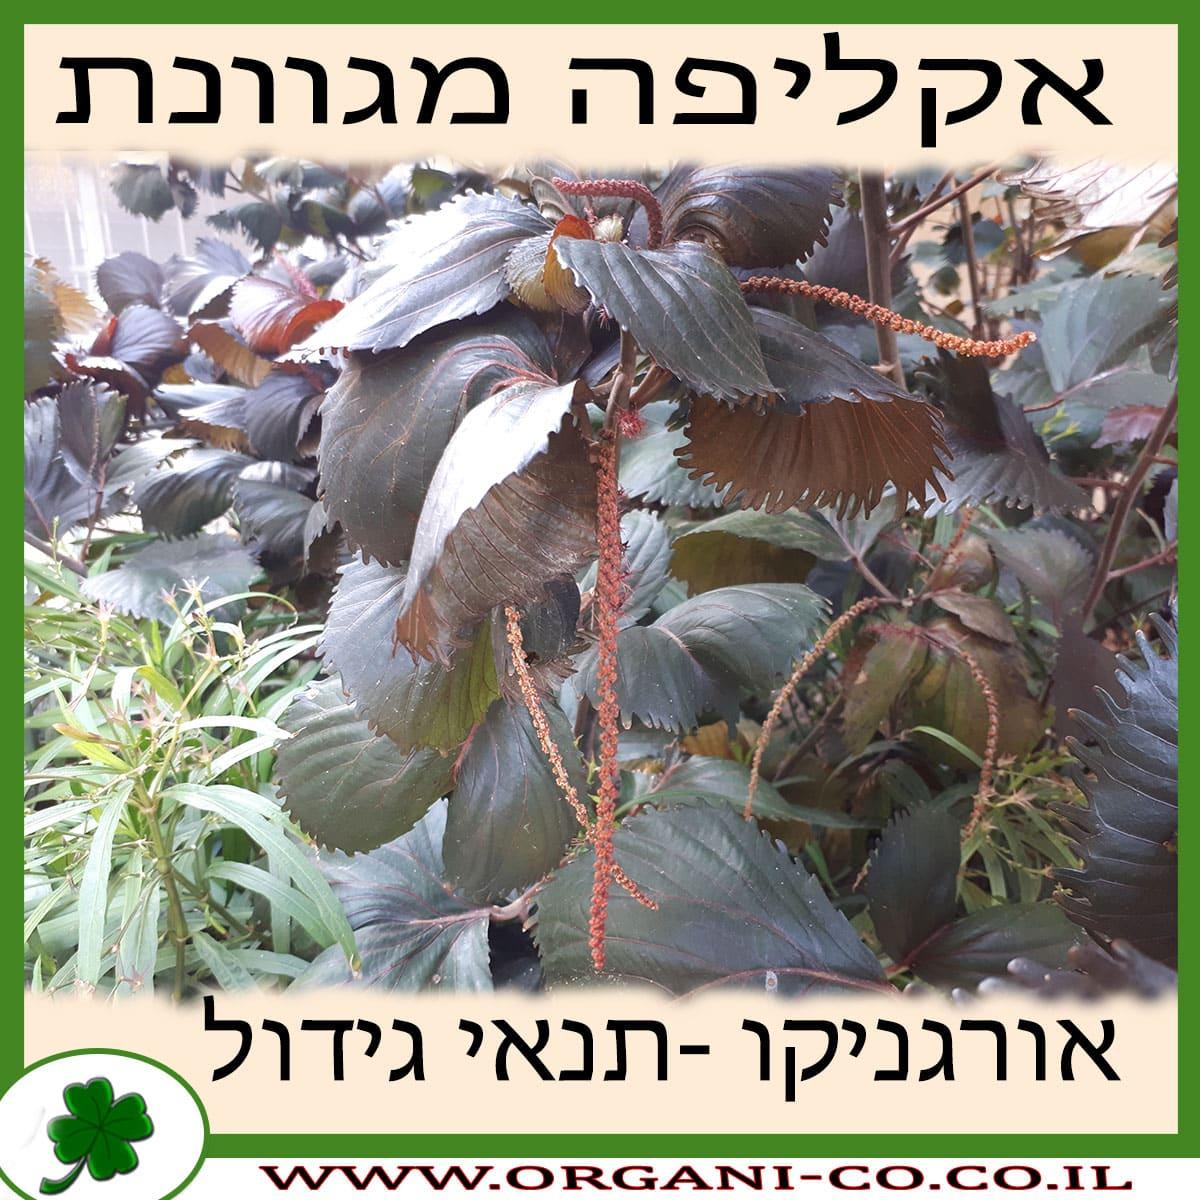 אקליפה מגוונת גידול צמח